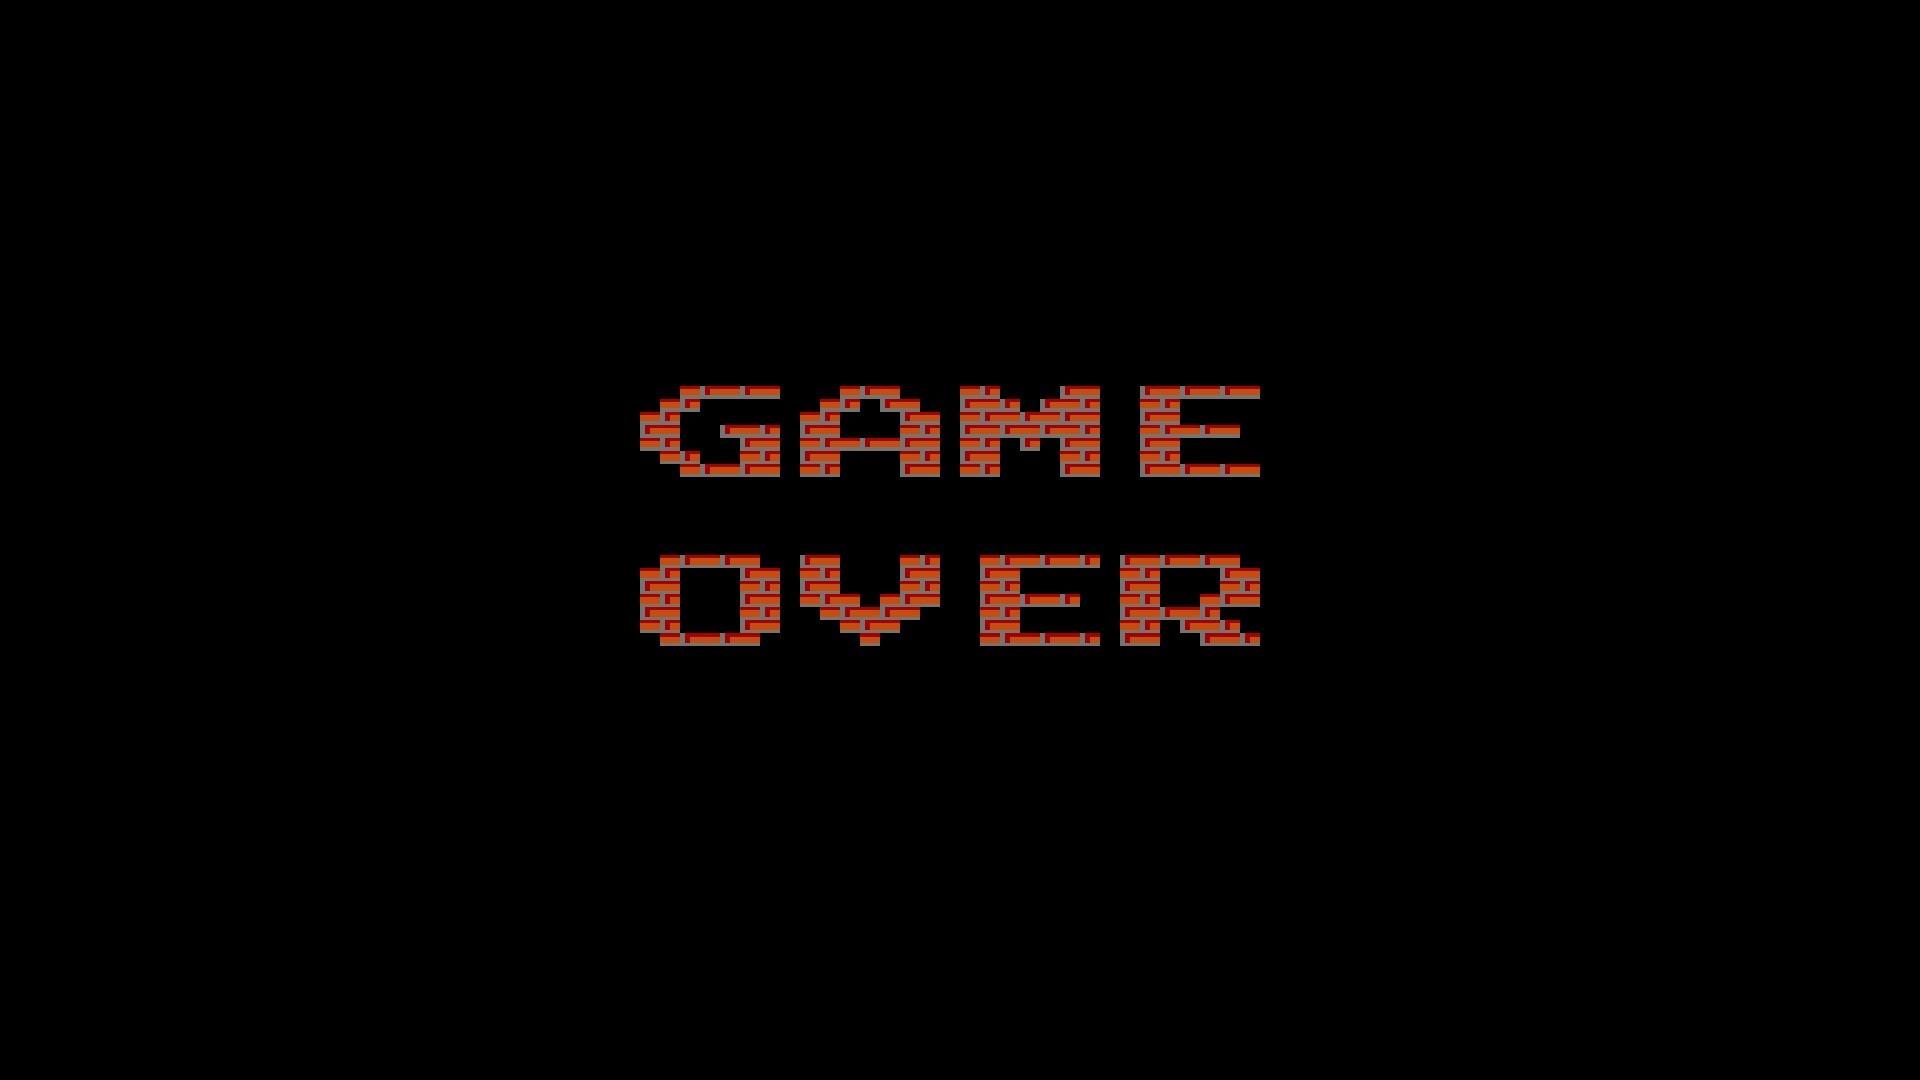 arte digital videogames fundo preto minimalismo Tijolos texto logotipo  Jogos retro píxeis FIM DE JOGO Marca